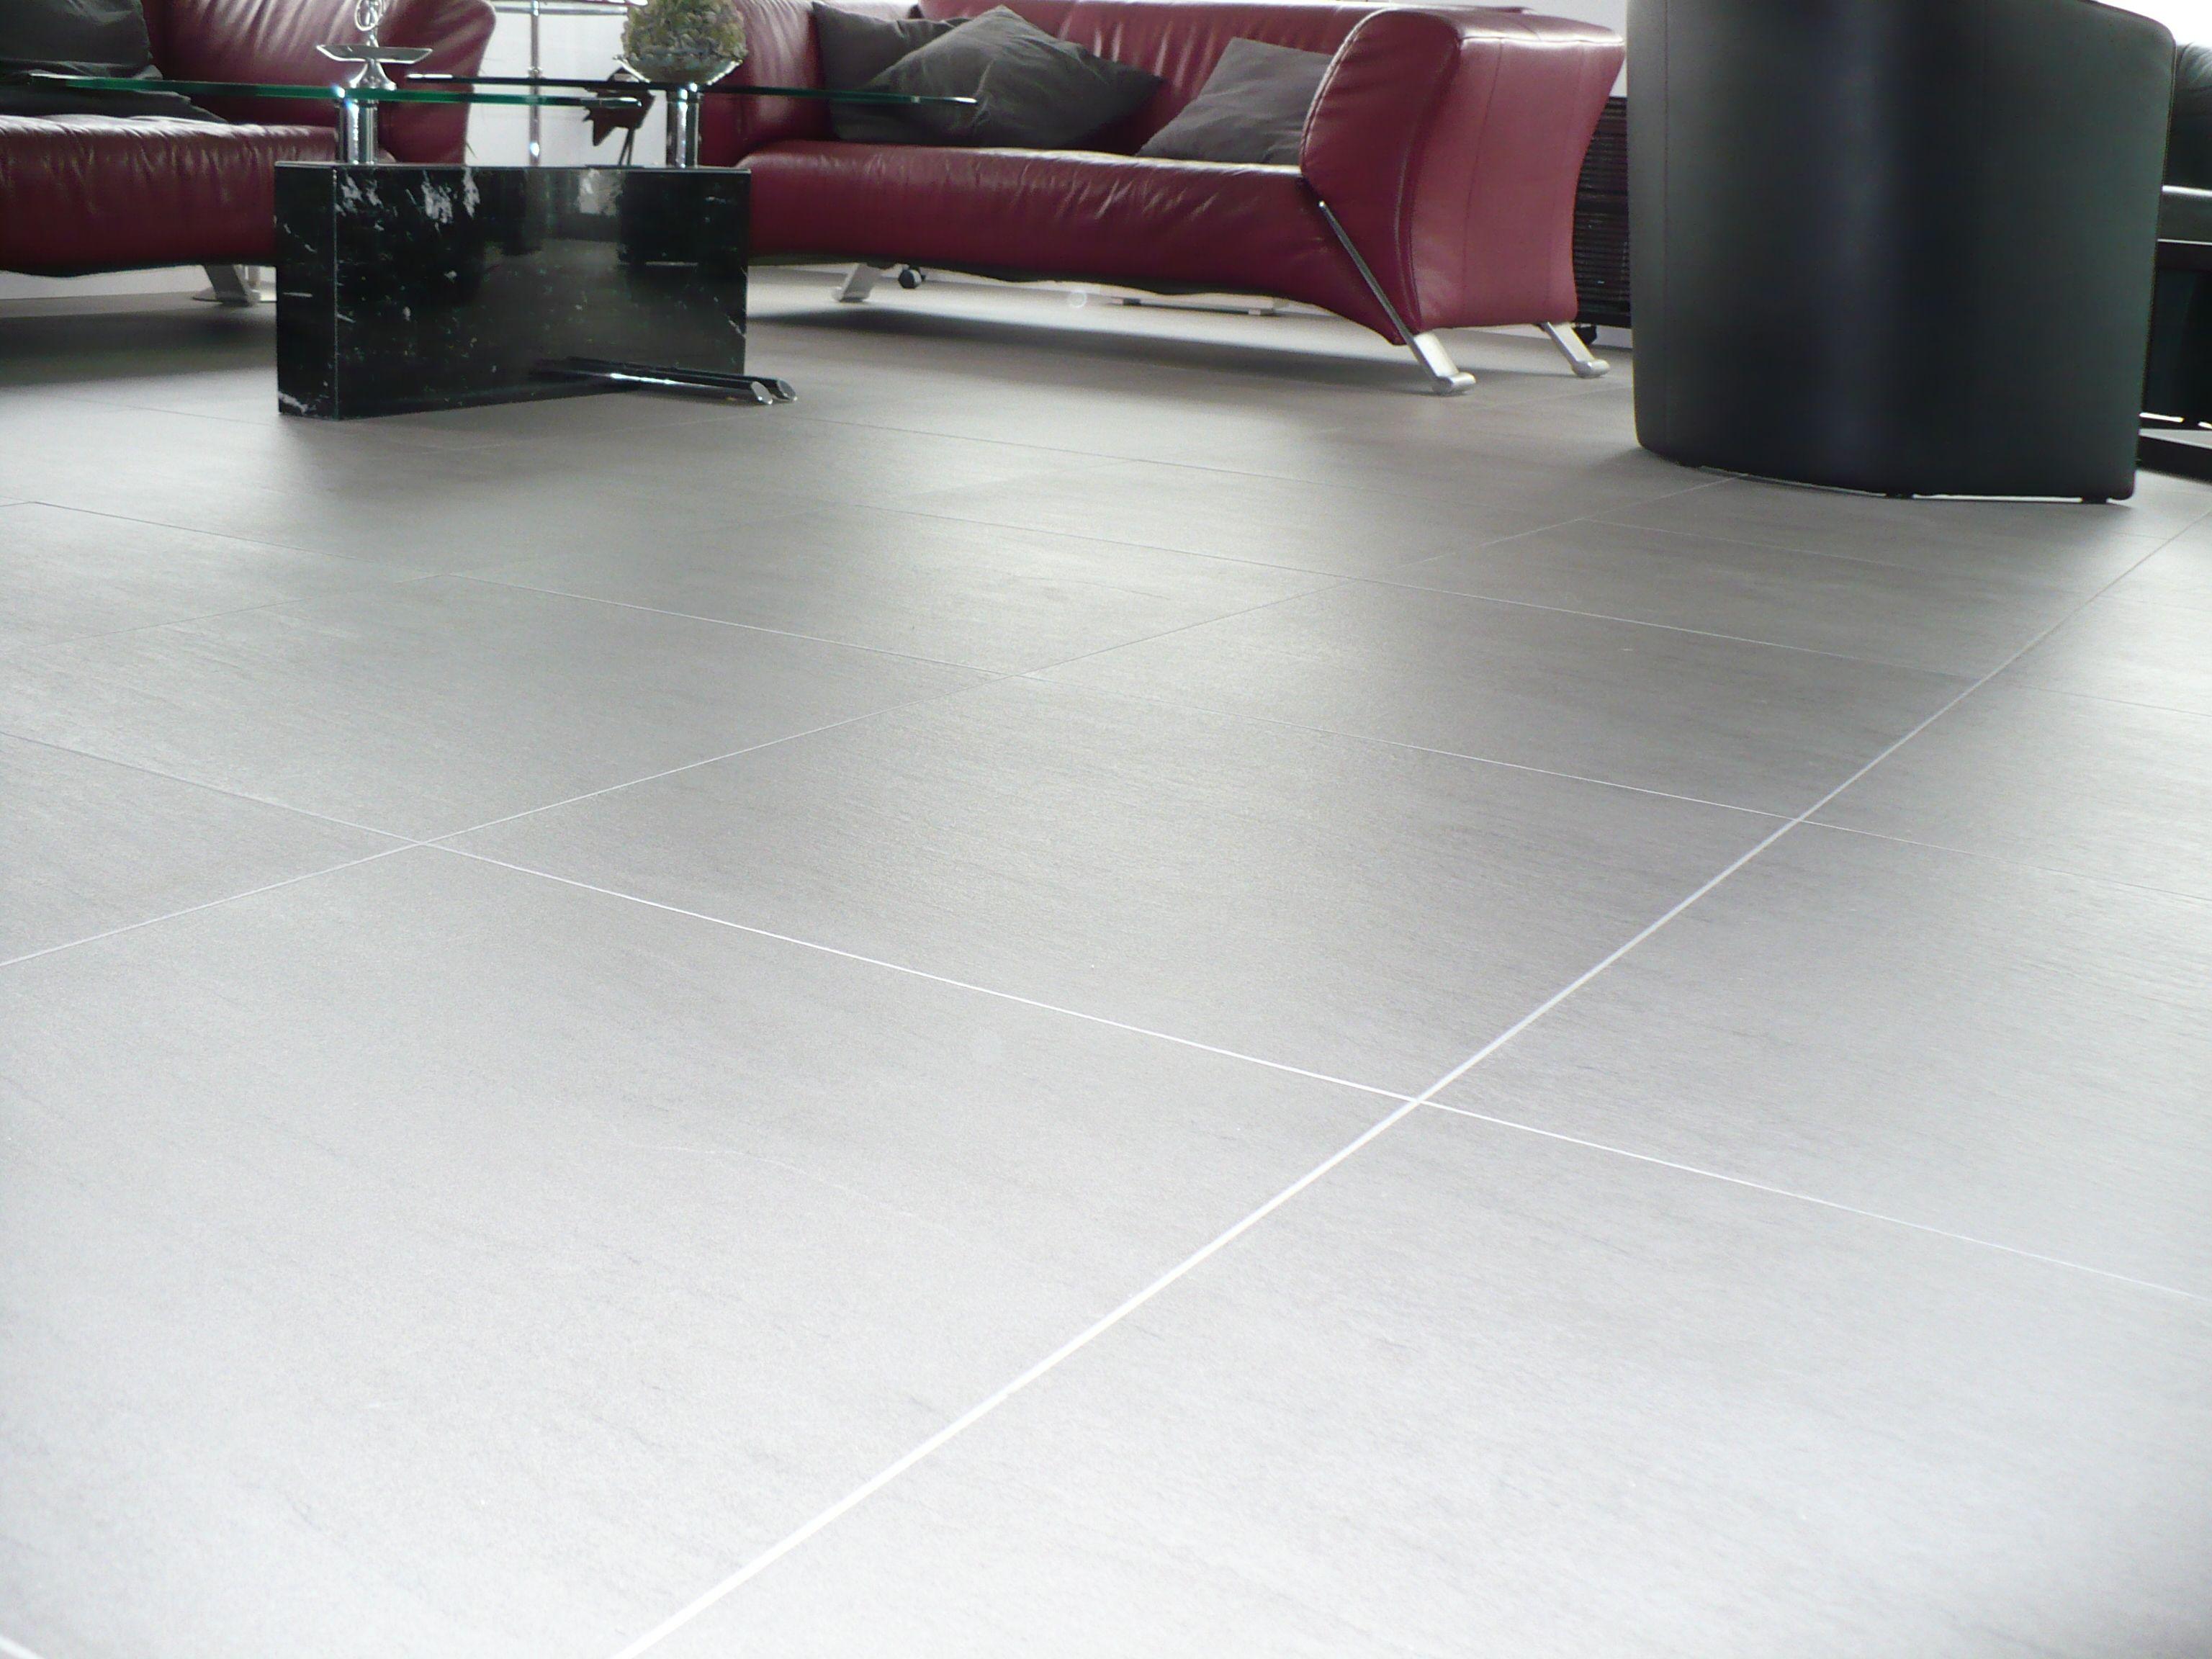 Vloertegels Woonkamer Grijs : Woonkamer vloertegels grijs strak met lichte voeg mooie